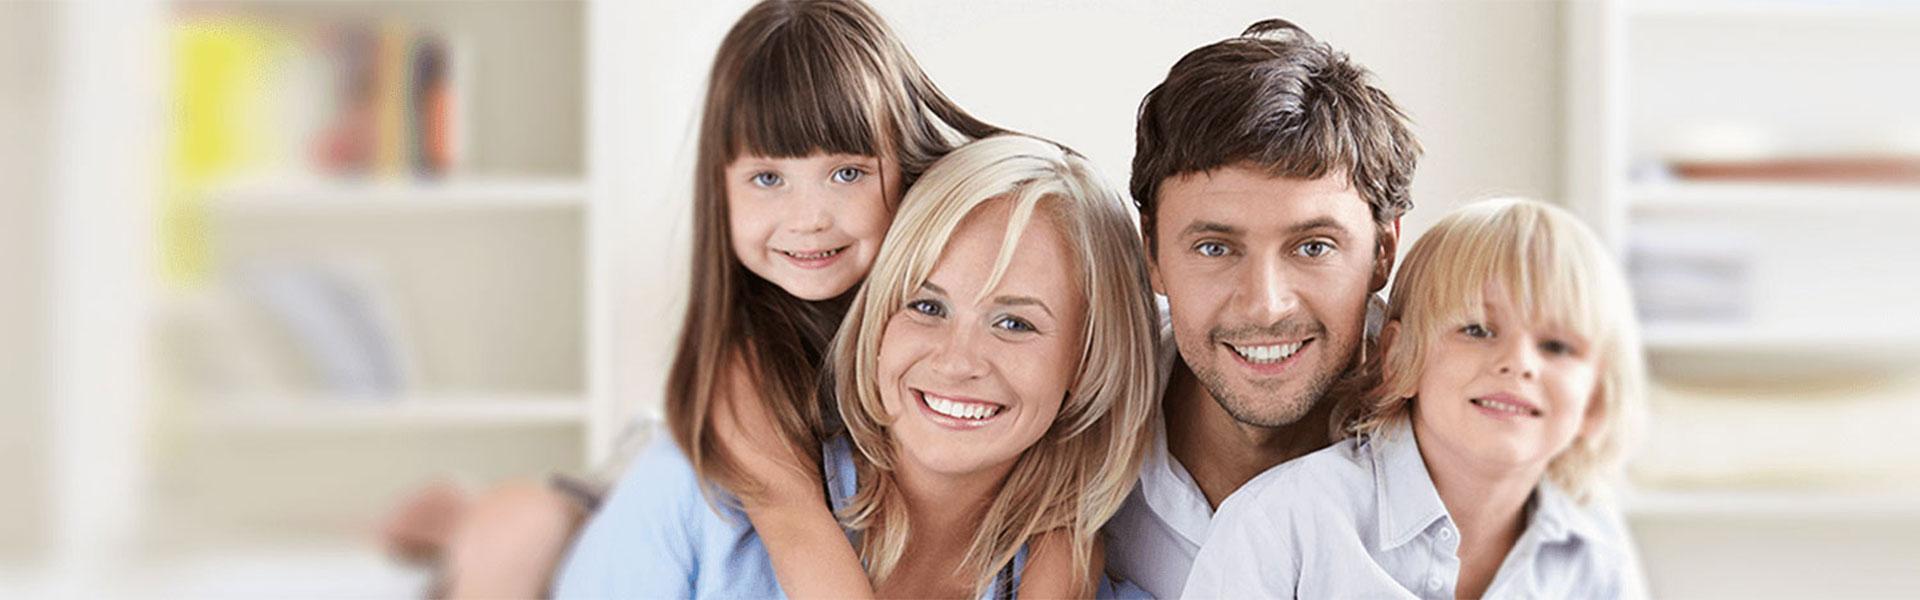 Header Bild Top-Angebote für Familien